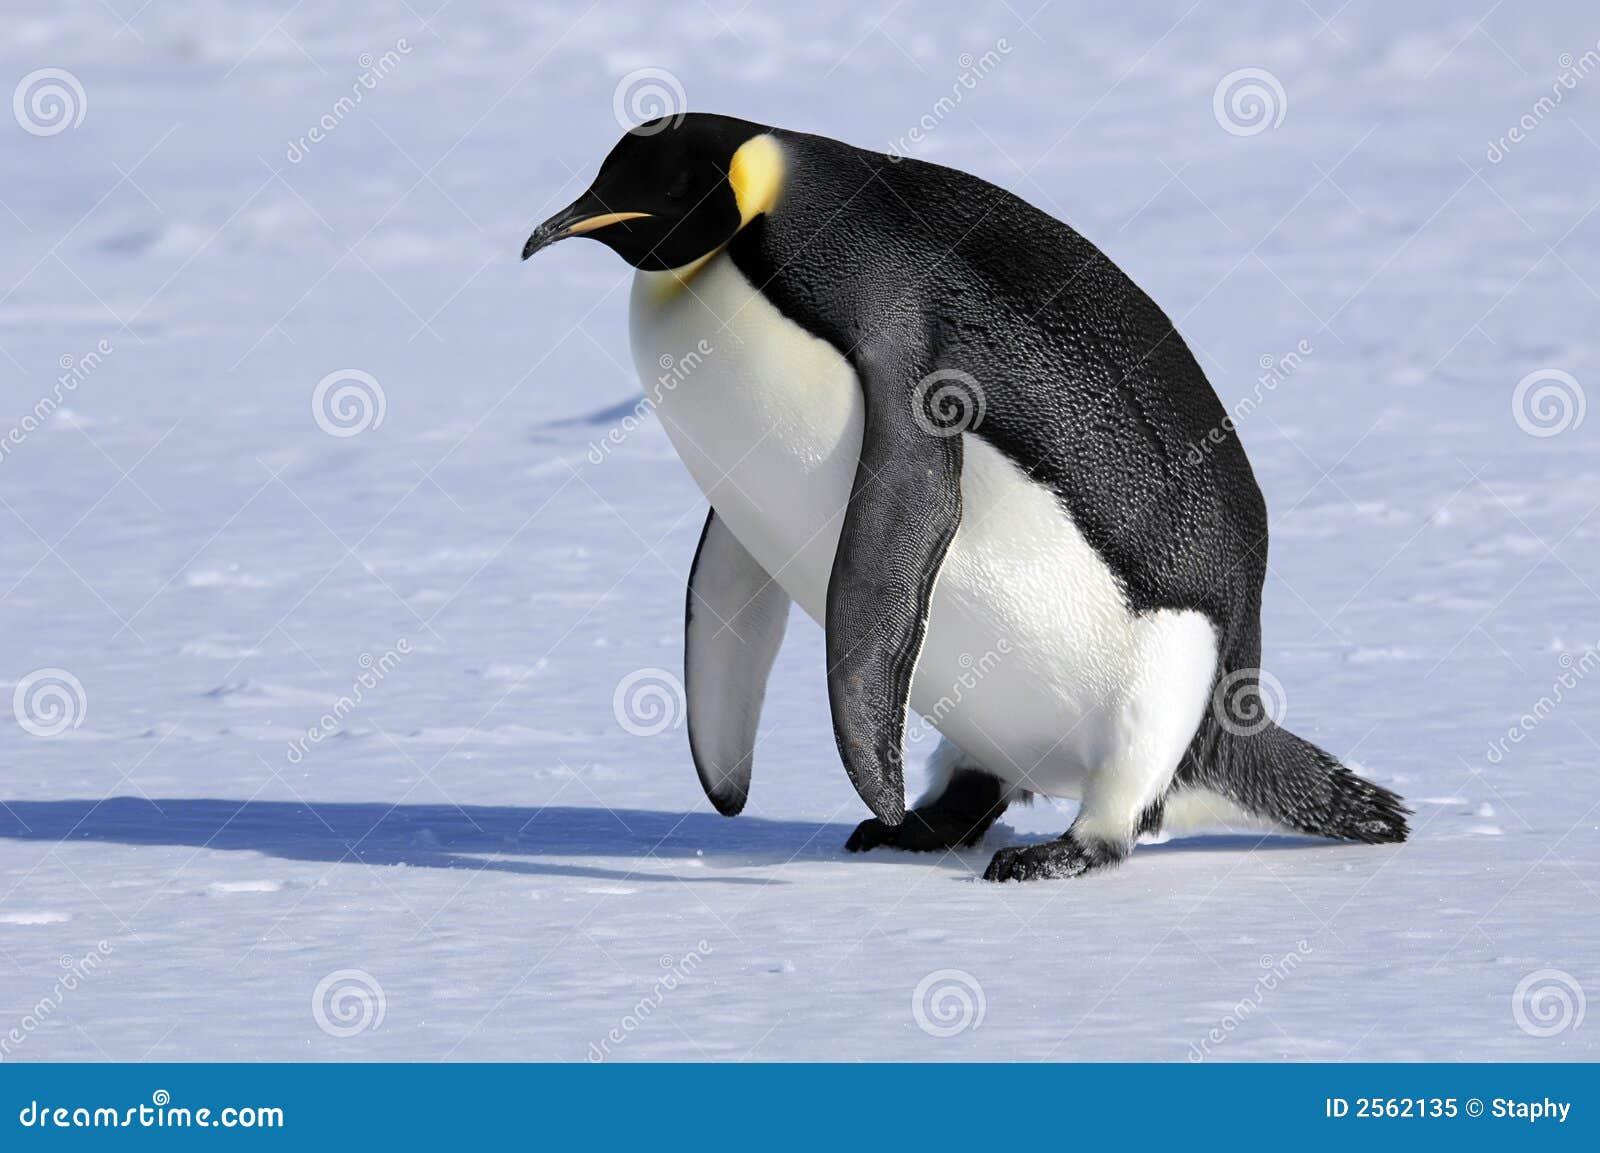 le pingouin d 39 empereur se l ve image stock image du frais oc an 2562135. Black Bedroom Furniture Sets. Home Design Ideas